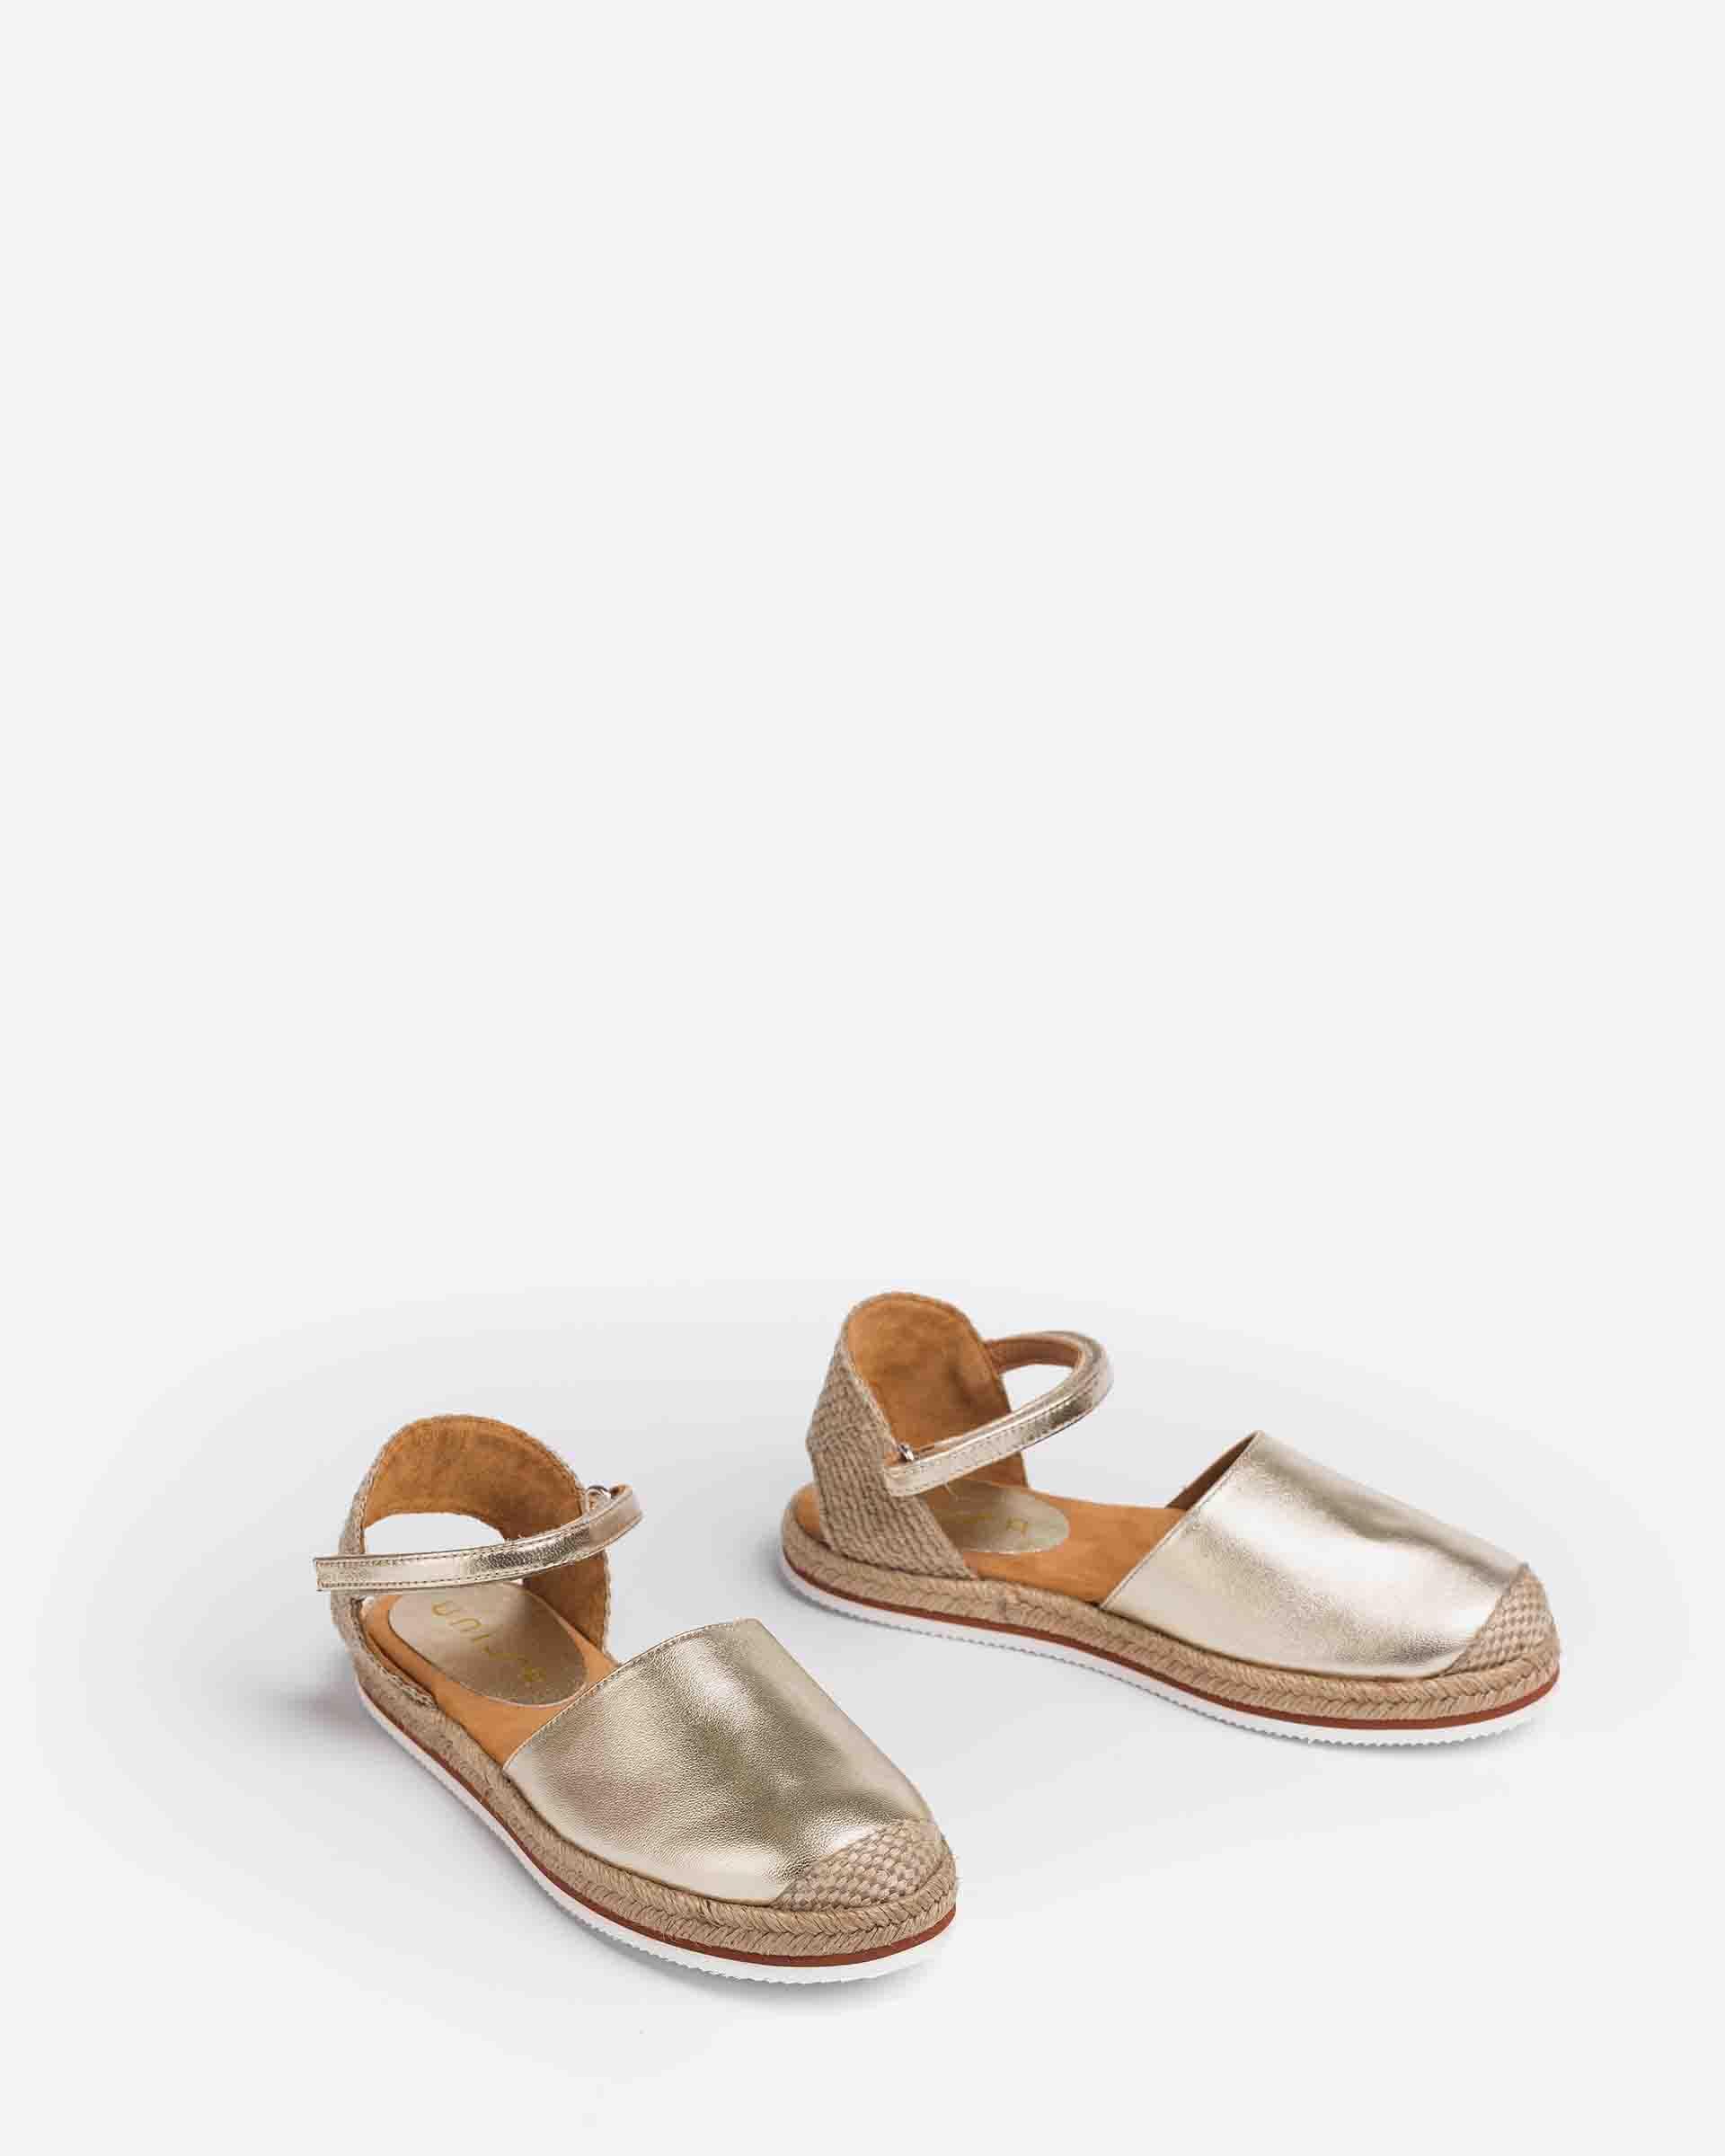 UNISA Espadrilles aus Metallic-Leder für Mädchen YADIRA_21_LMT 5